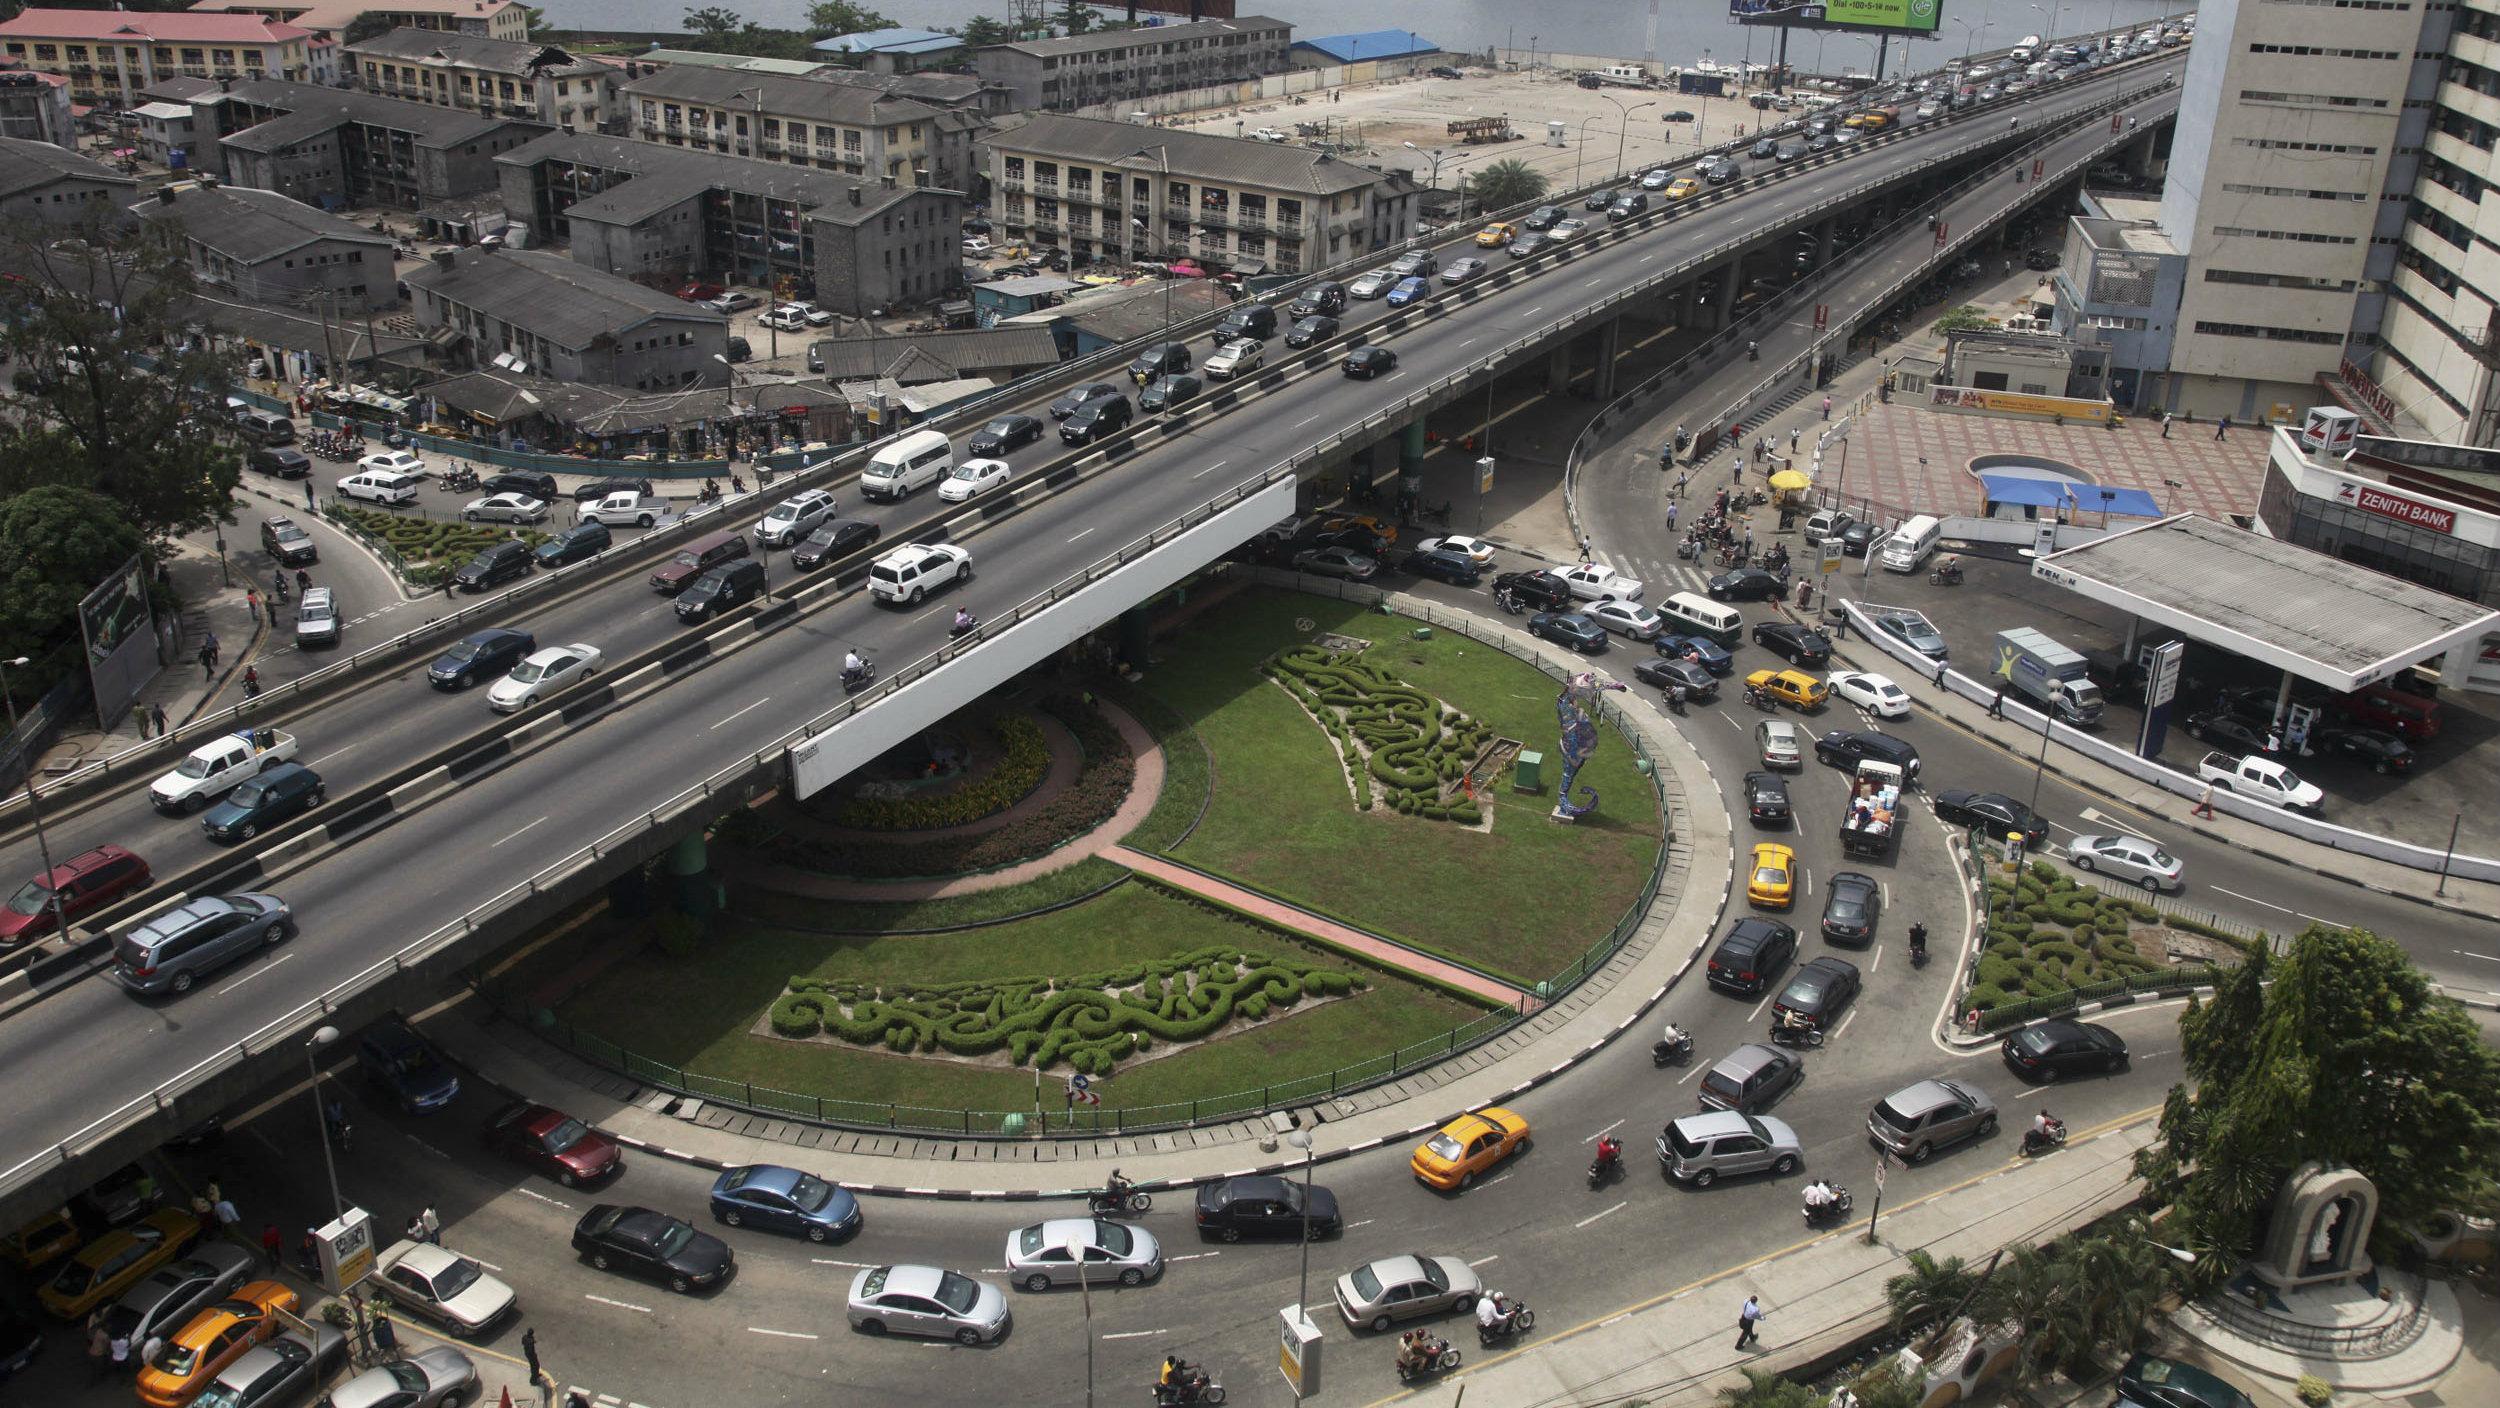 Lagos State Zip Code, Lagos Is Set To Overtake Nairobi As Africas Startup Capital, Lagos State Zip Code